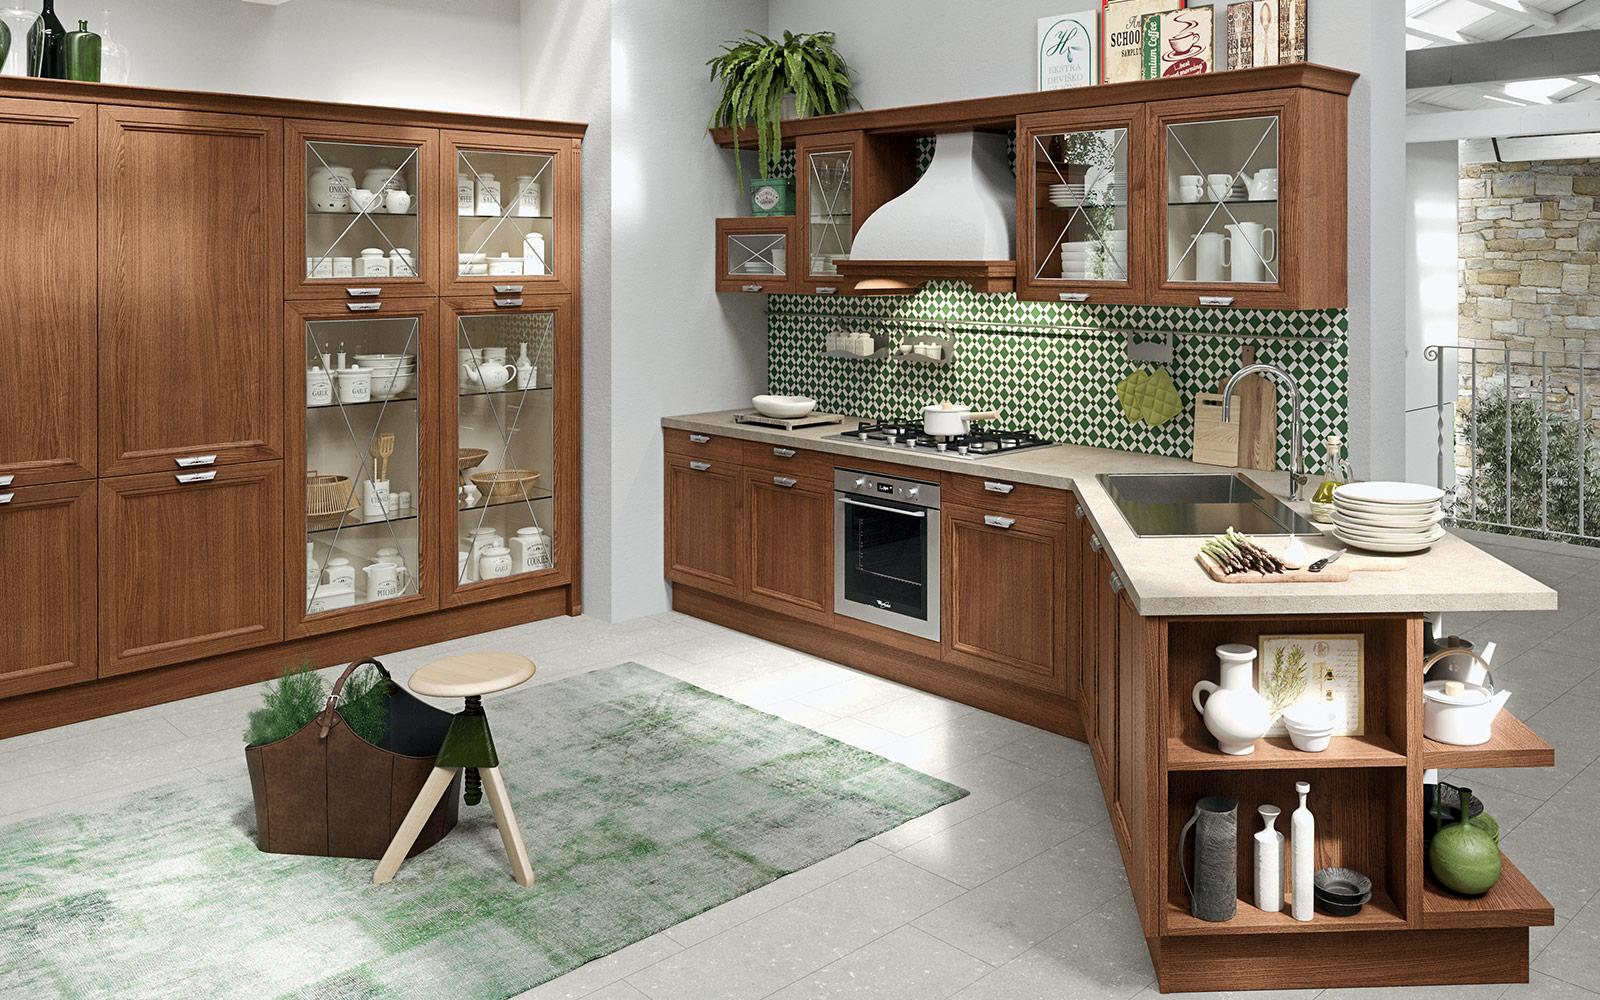 arredo-cucina-piccola-quadrata | MAN Casa